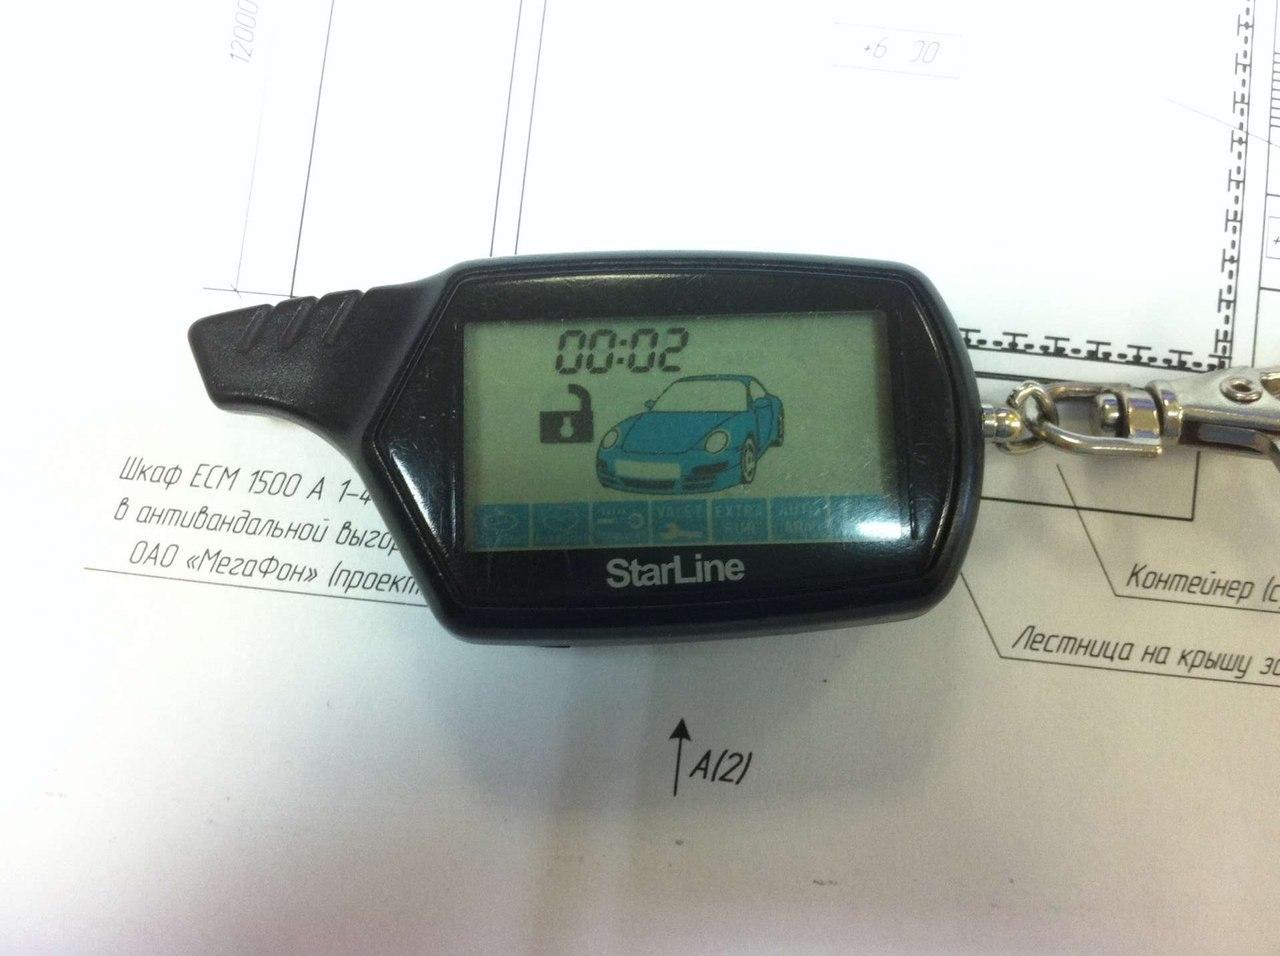 Описание автосигнализации Starline A91: инструкция